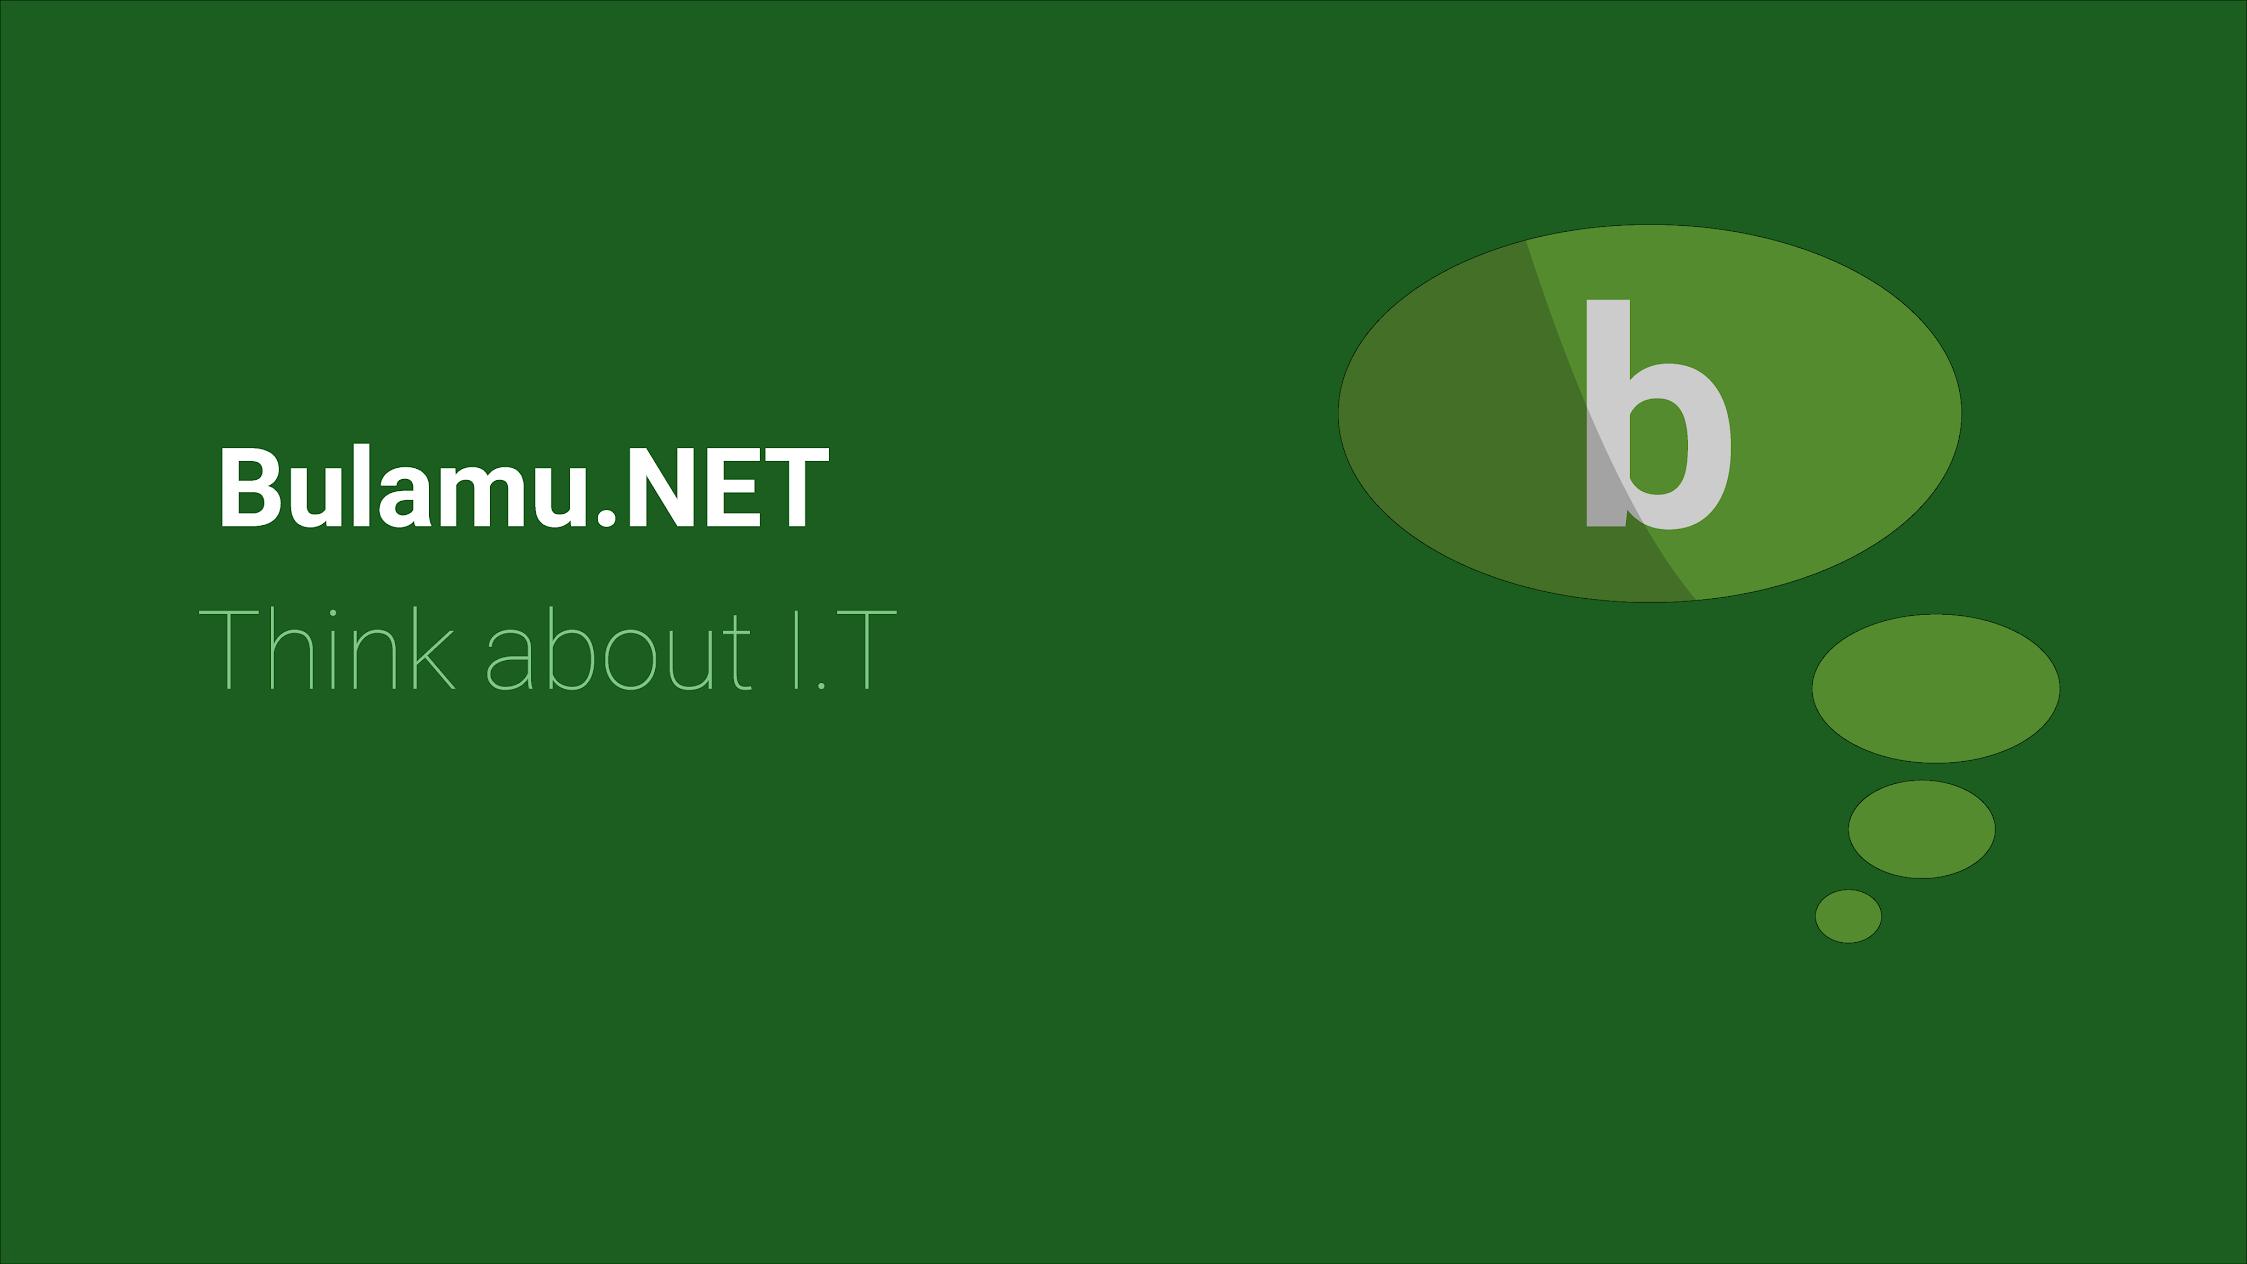 Bulamu.net